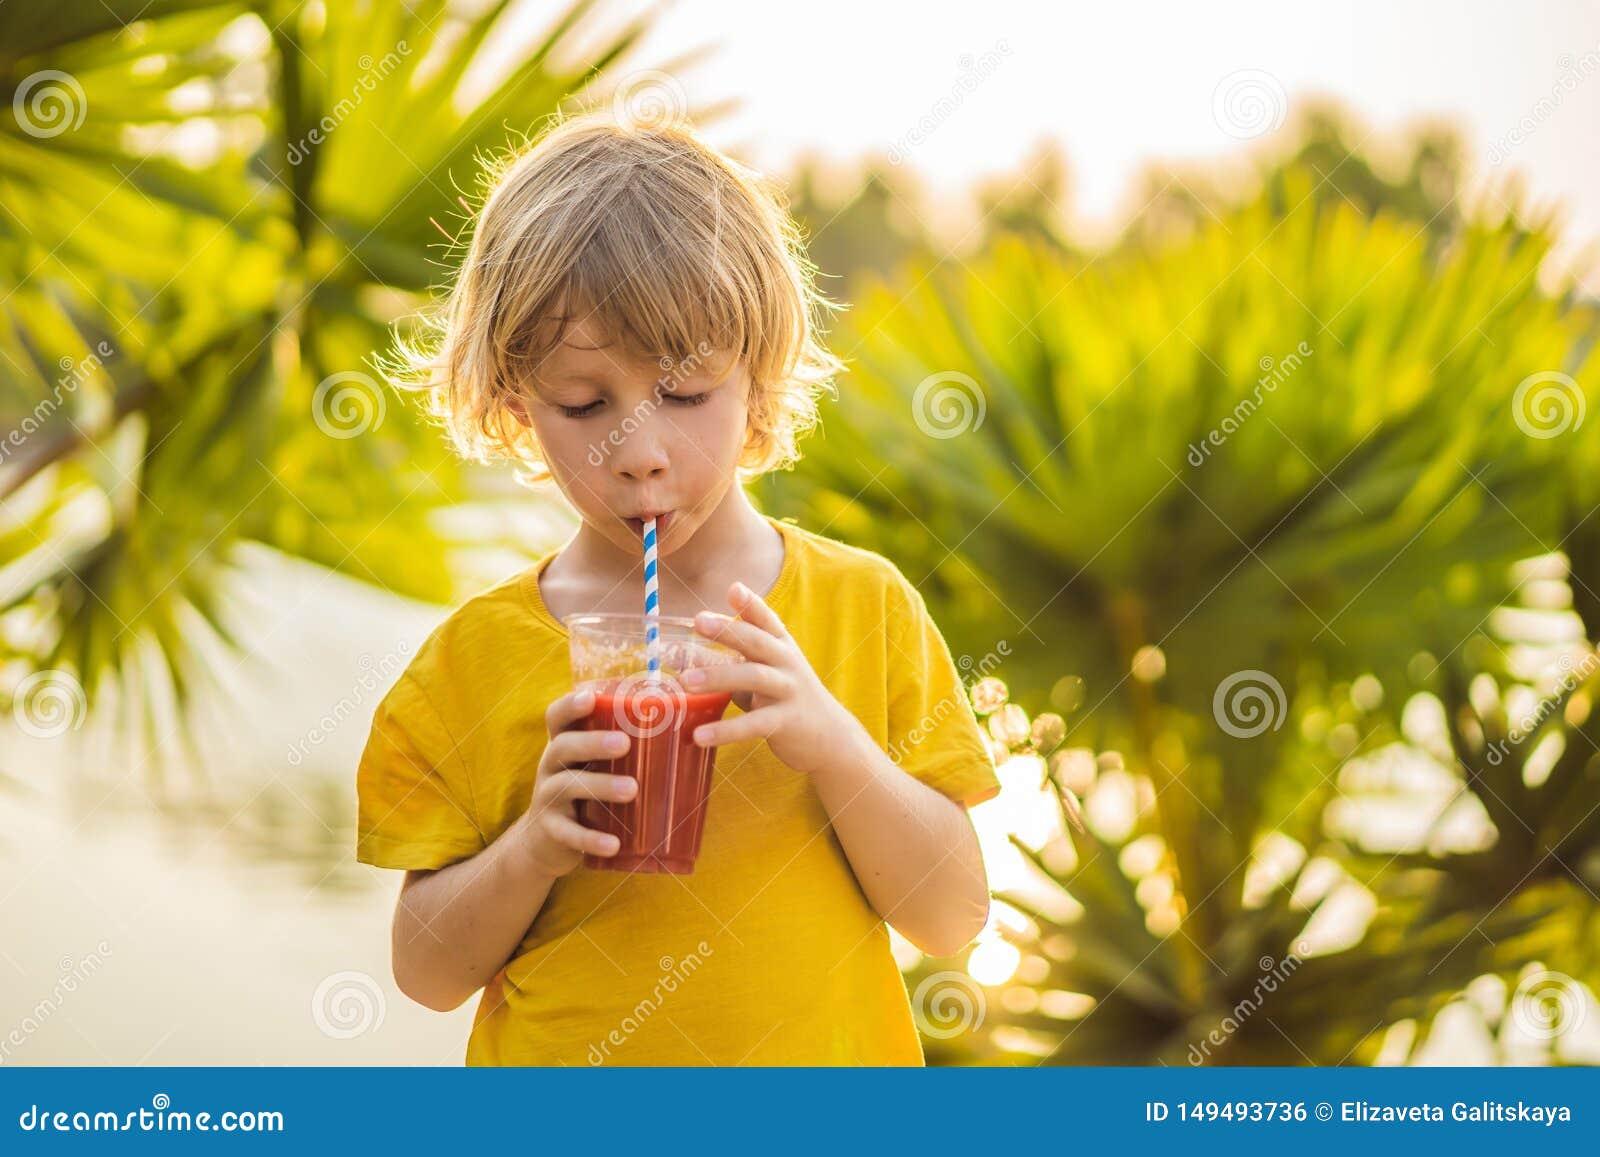 反对棕榈树背景的男孩饮料健康圆滑的人  西瓜圆滑的人 健康营养和维生素为